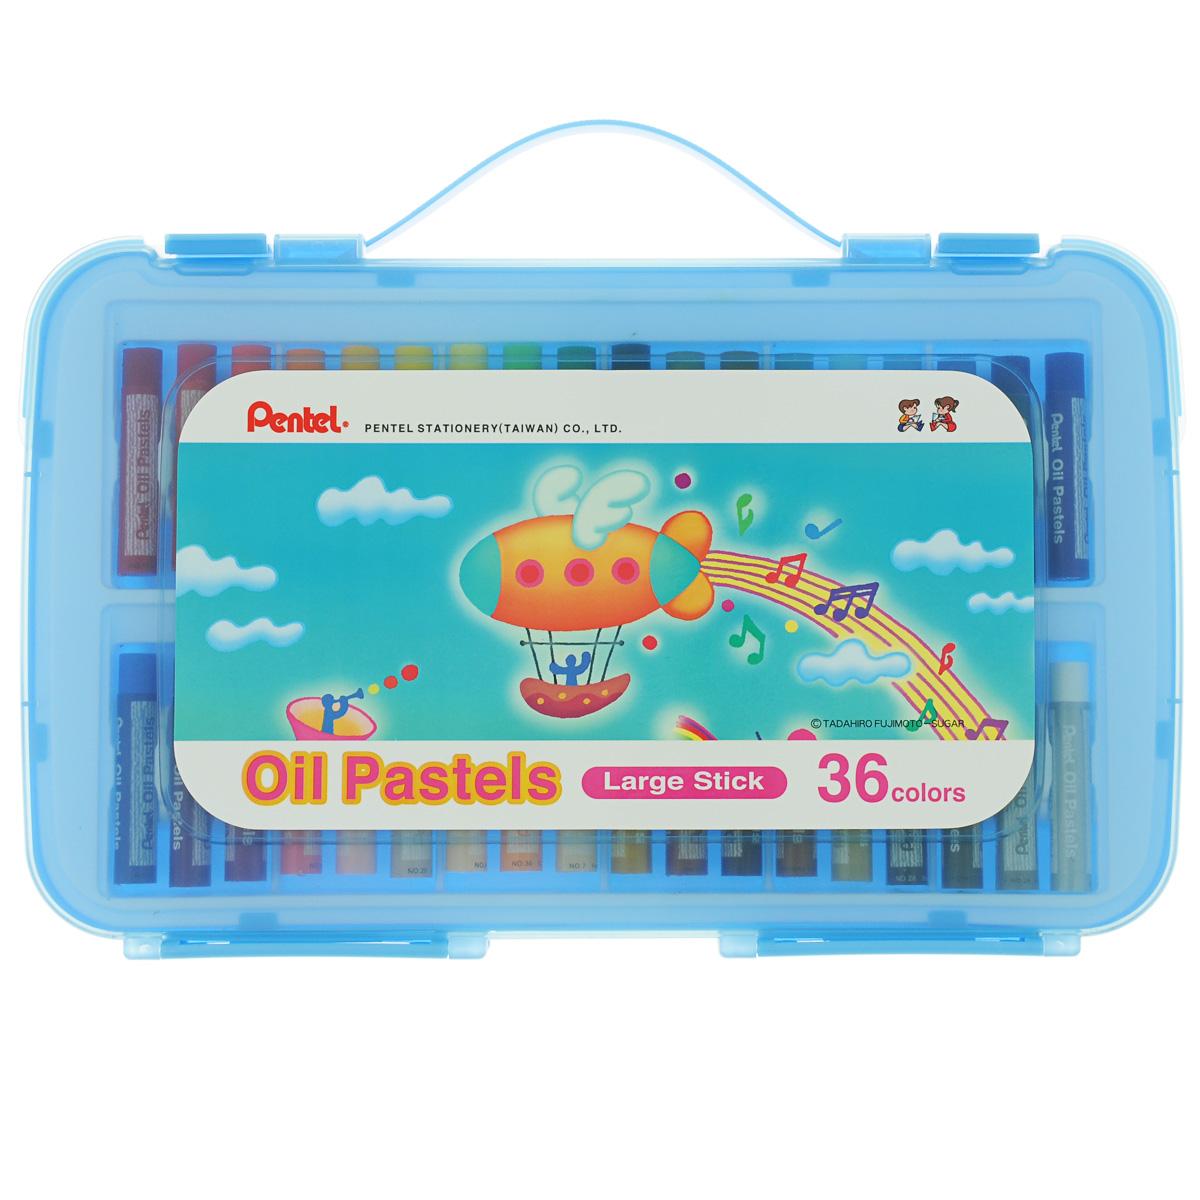 Пастель масляная Pentel Oil Pastels, в цветном боксе, 36 цветов0775B001Пастель масляная Pentel Oil Pastels изготовлена из натуральных компонентов и не содержит вредных примесей. Соответствует европейскому стандарту качества EN71, утвержденному для детских товаров. Пастелью можно рисовать в любой технике (в сочетании с цветными карандашами, красками). При работе пастелью лучше использовать шероховатые поверхности - специальные бумаги, картон, холст. Пастель отличают яркие долговечные цвета, стойкие к воздействию света. Легко наносится на поверхность, образуя как яркие насыщенные цвета, так и легкие полутона и тени. Для удобства использования краски имеют форму мелков с увеличенным диаметром. Набор упакован в пластиковый бокс. Длина мелка: 6 см. Количество цветов: 36.